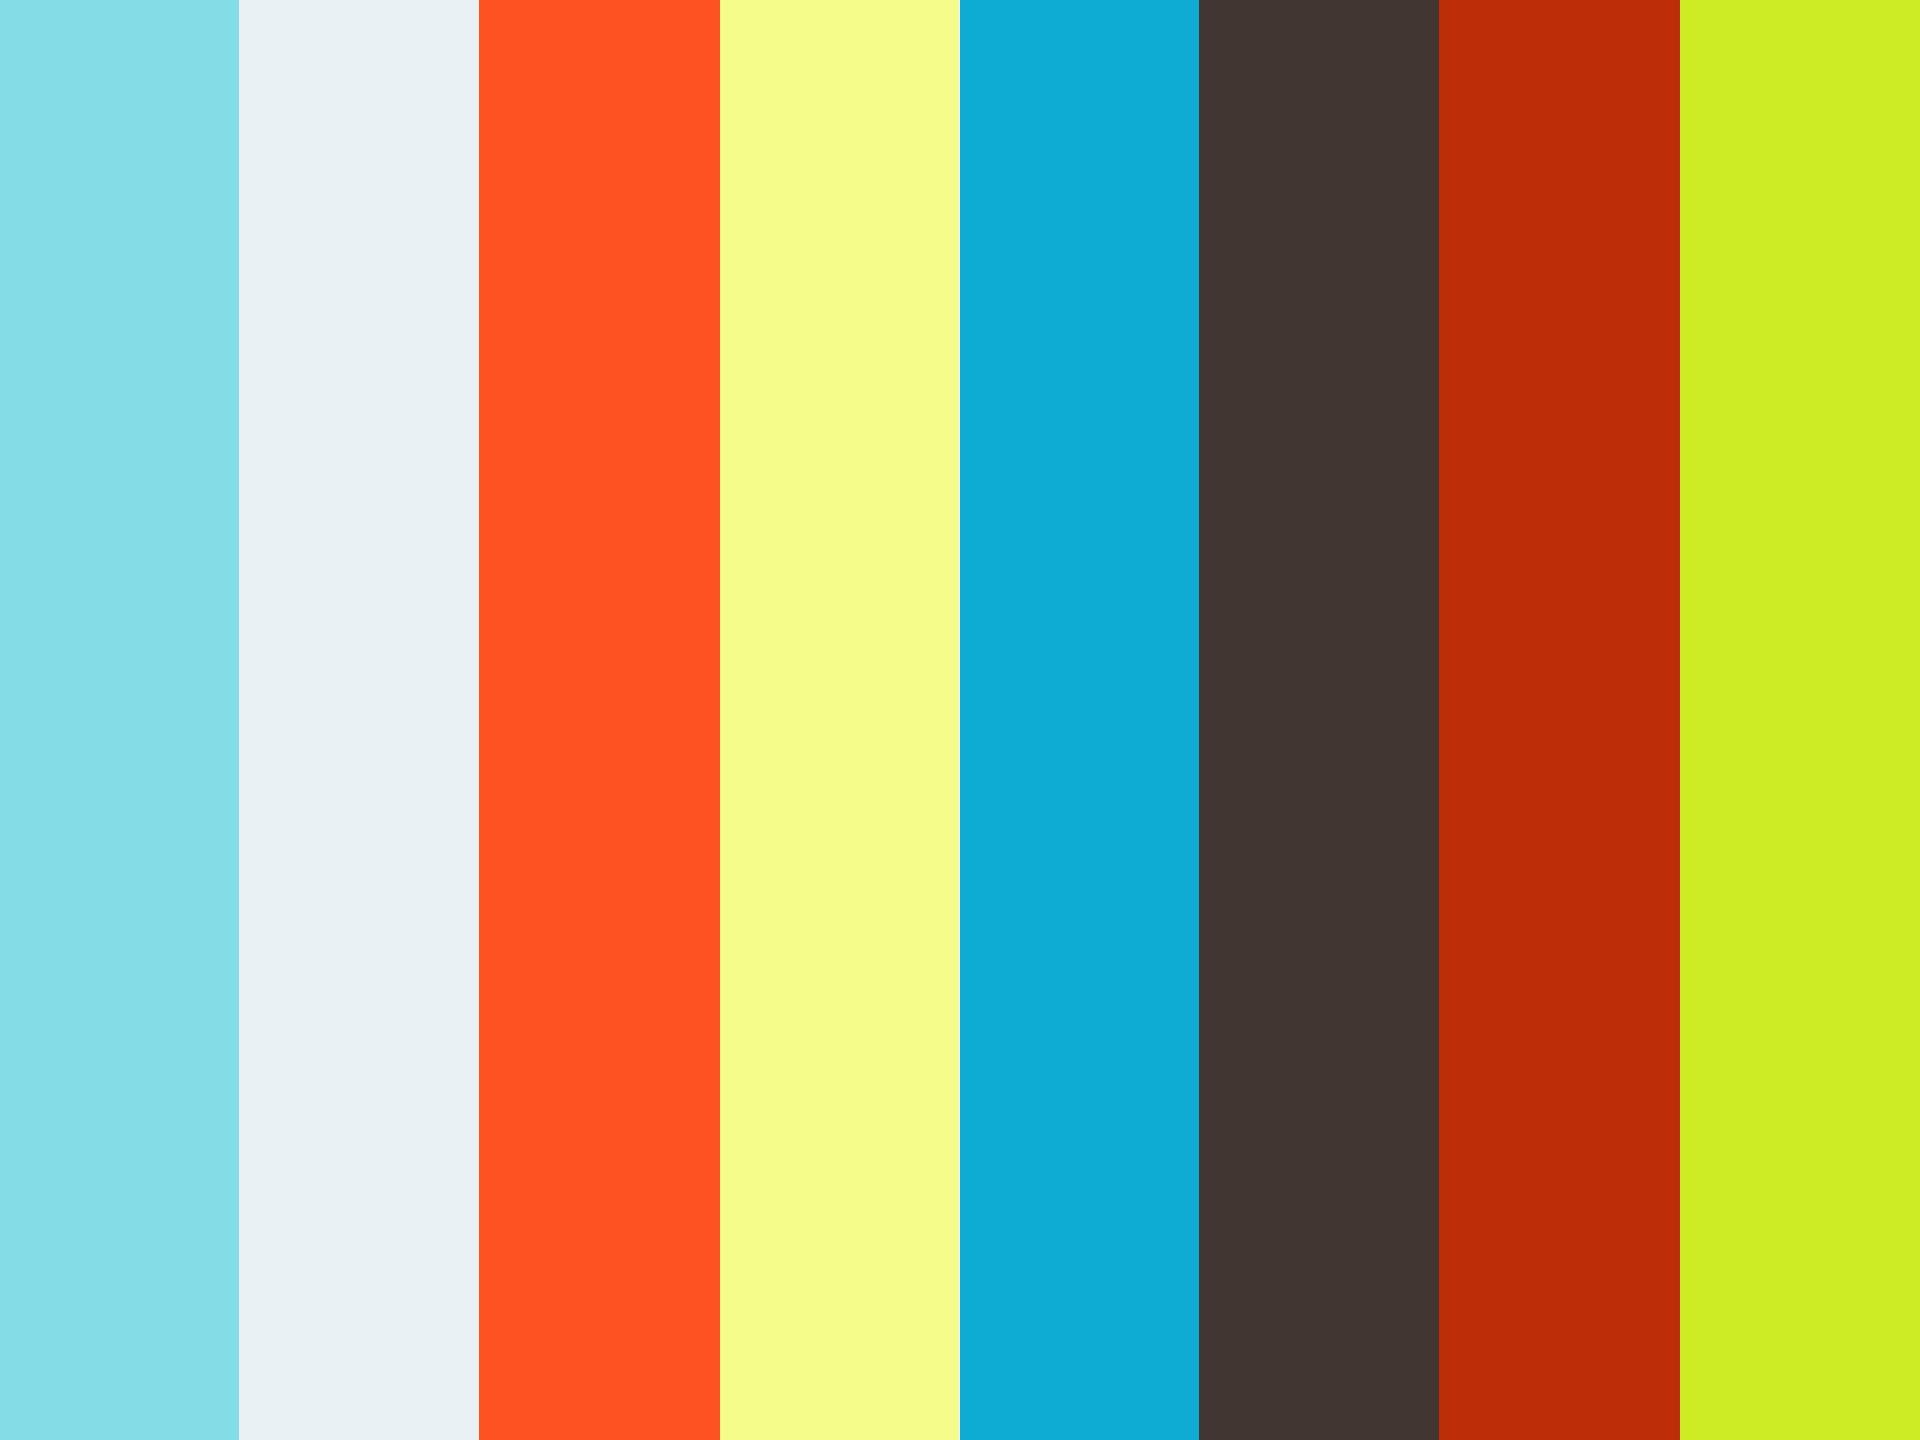 【短片】【背靠祖國】港展館主題「香港 進」,林鄭出席進博會:香港會繼續作為國家的國際門戶 on Vimeo